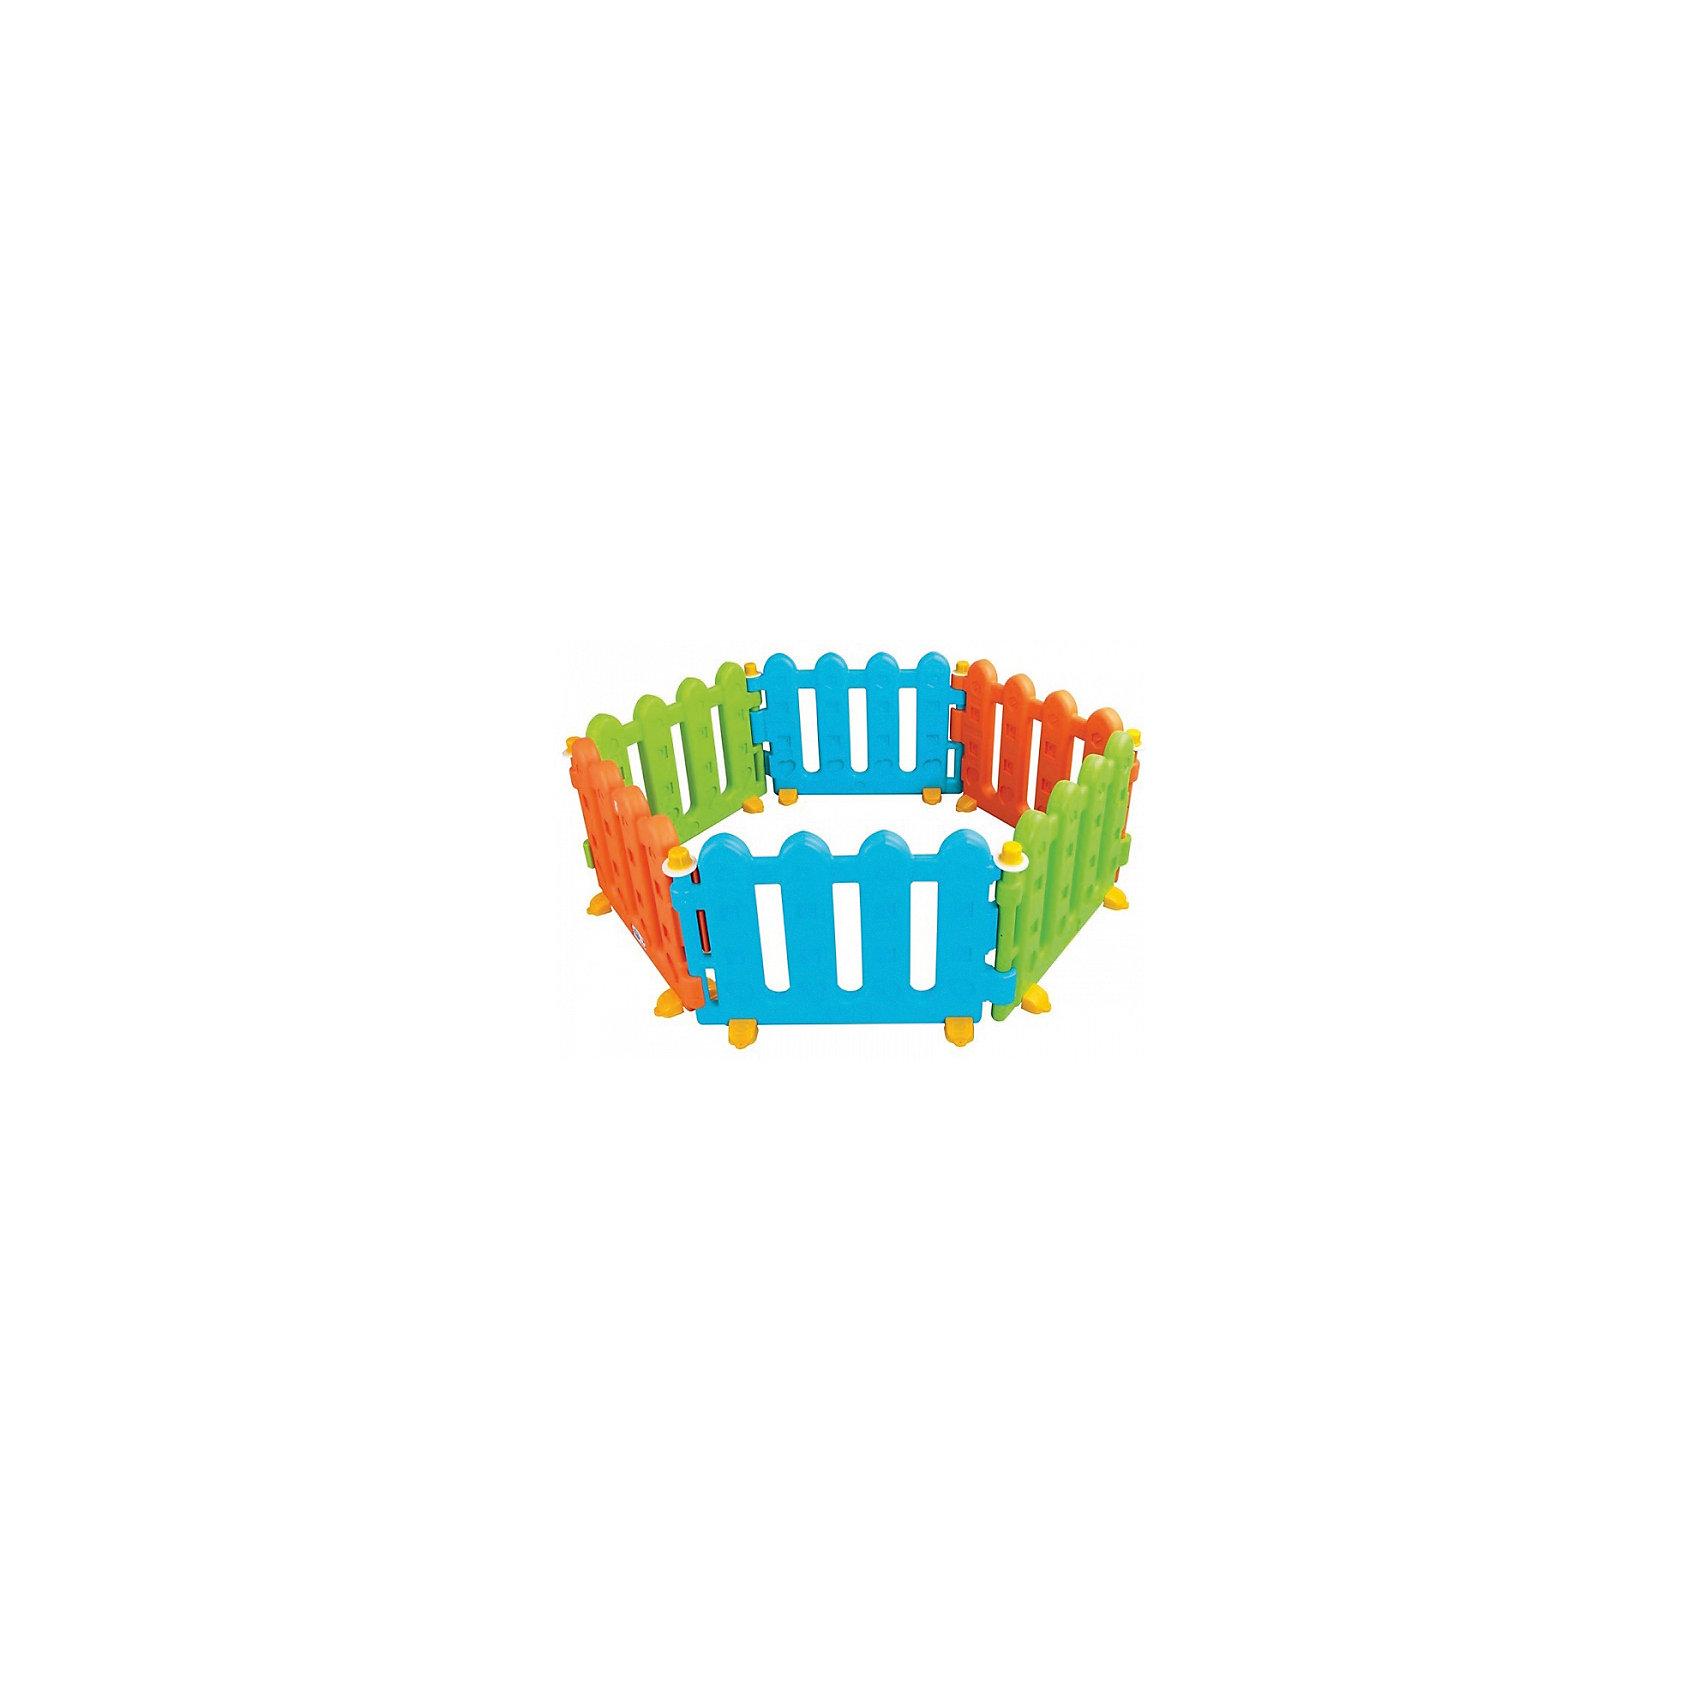 Ограждение PLAY, PILSANДомики и мебель<br>Ограждение PLAY, PILSAN (Пилсан)<br><br>Характеристики:<br><br>• безвинтовая конструкция<br>• легко собирается<br>• компактна в сложенном виде<br>• можно создать любую форму<br>• закругленные края<br>• состоит из 6 частей<br>• материал: пластик<br>• размер упаковки: 57х37х82 см<br>• вес: 14 кг<br><br>Ограждение PLAY PILSAN прекрасно подойдет для создания безопасной игровой зоны для малышей. Ограждение состоит из 6 частей, которые легко соединяются друг с другом. Вы сможете собрать любую геометрическую форму, удобную для вас и ребенка. Изделие выполнено из качественного безопасного пластика и окрашено нетоксичными красками. Закругленные края препятствуют получению возможных травм. Конструкция компактна в собранном виде.<br><br>Ограждение PLAY, PILSAN (Пилсан) можно купить в нашем интернет-магазине.<br><br>Ширина мм: 820<br>Глубина мм: 370<br>Высота мм: 570<br>Вес г: 14000<br>Возраст от месяцев: 12<br>Возраст до месяцев: 36<br>Пол: Унисекс<br>Возраст: Детский<br>SKU: 5512009